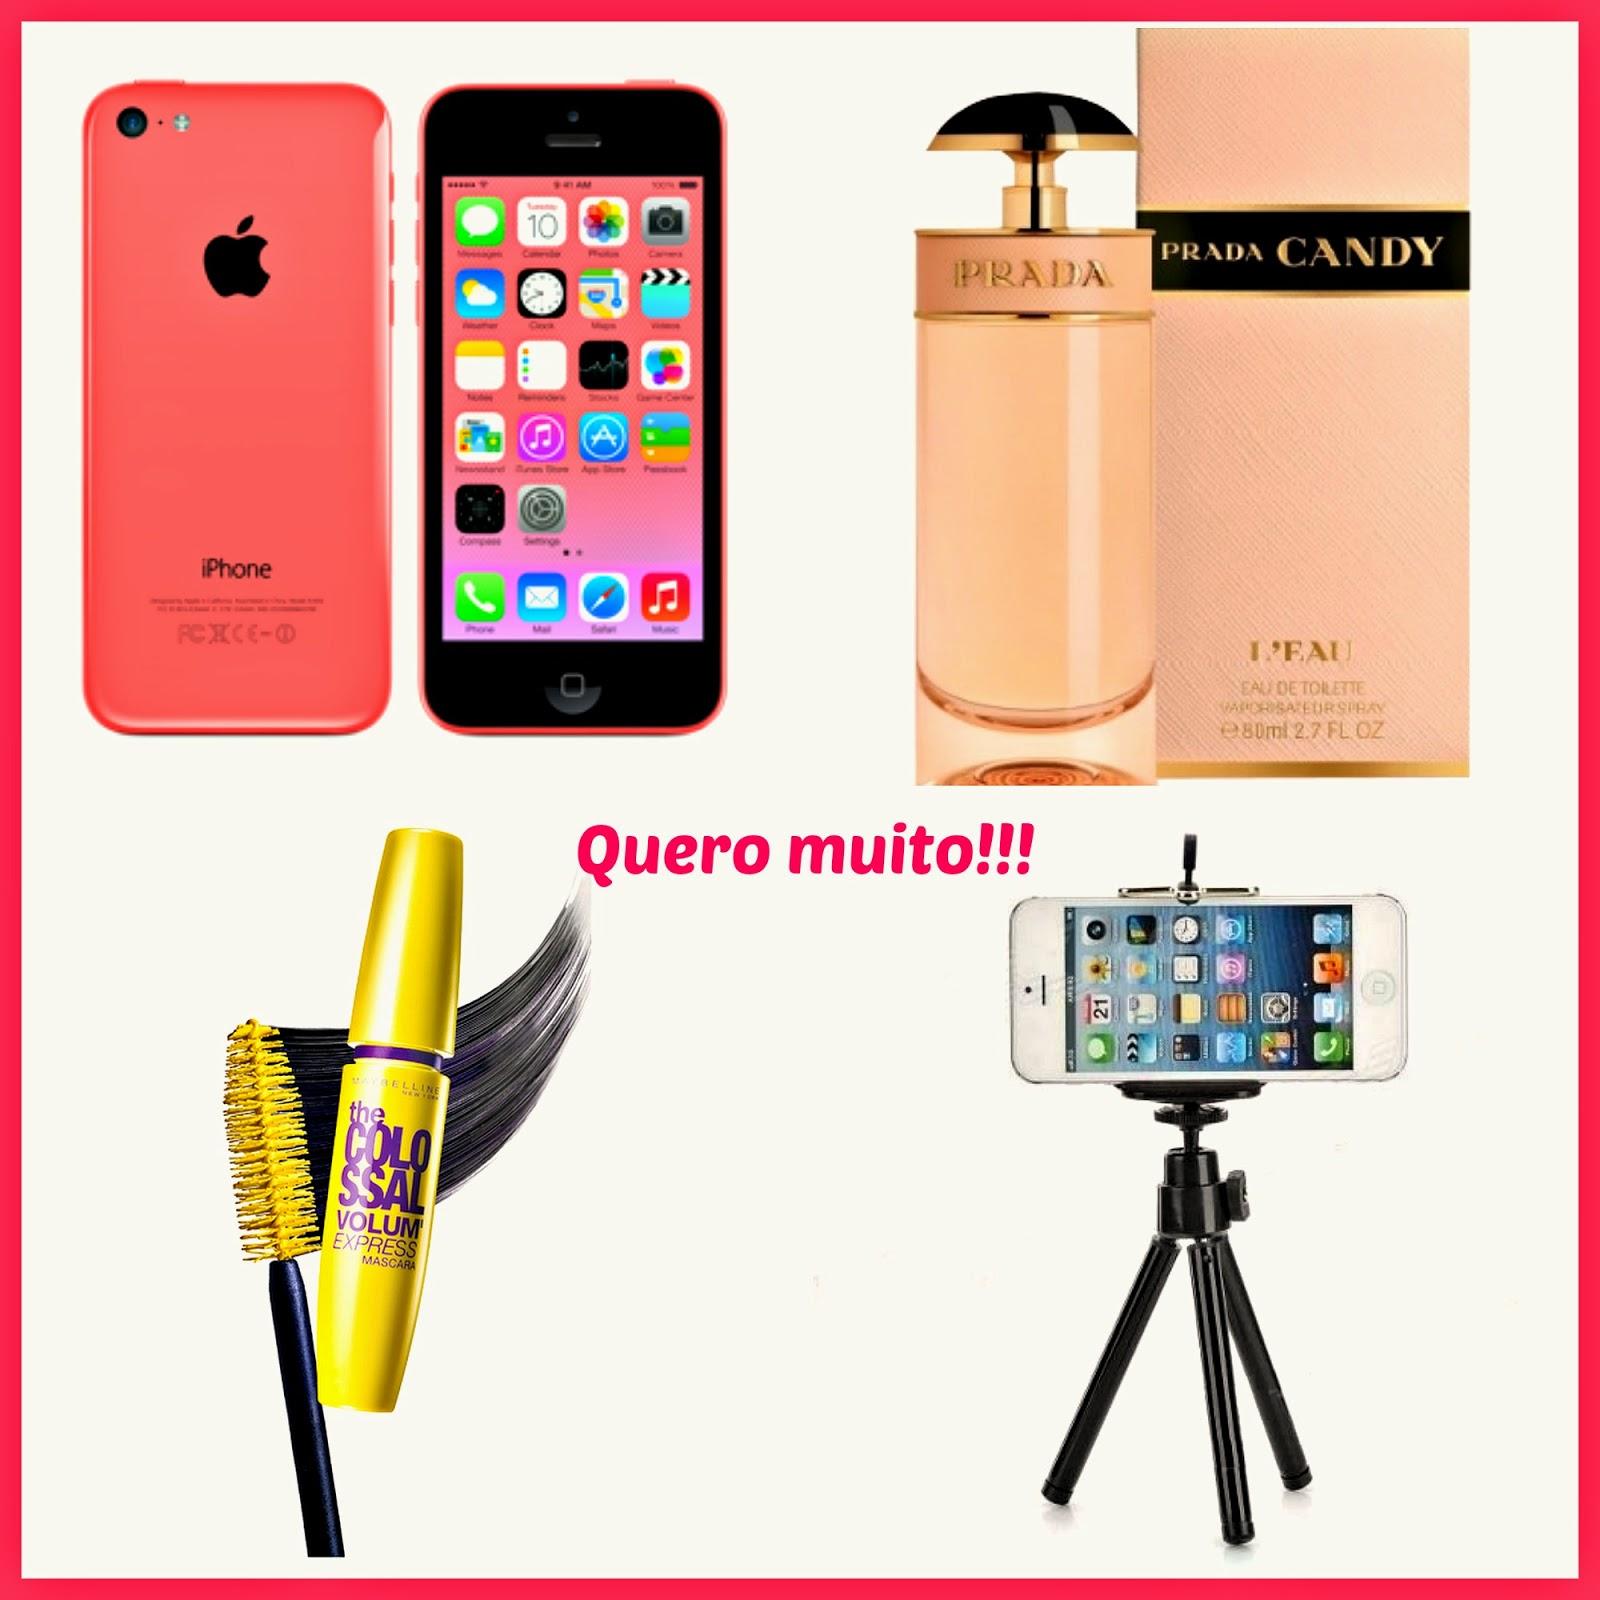 Iphone 5c, Prada Candy, The Colossal, Mini Tripé para Celular